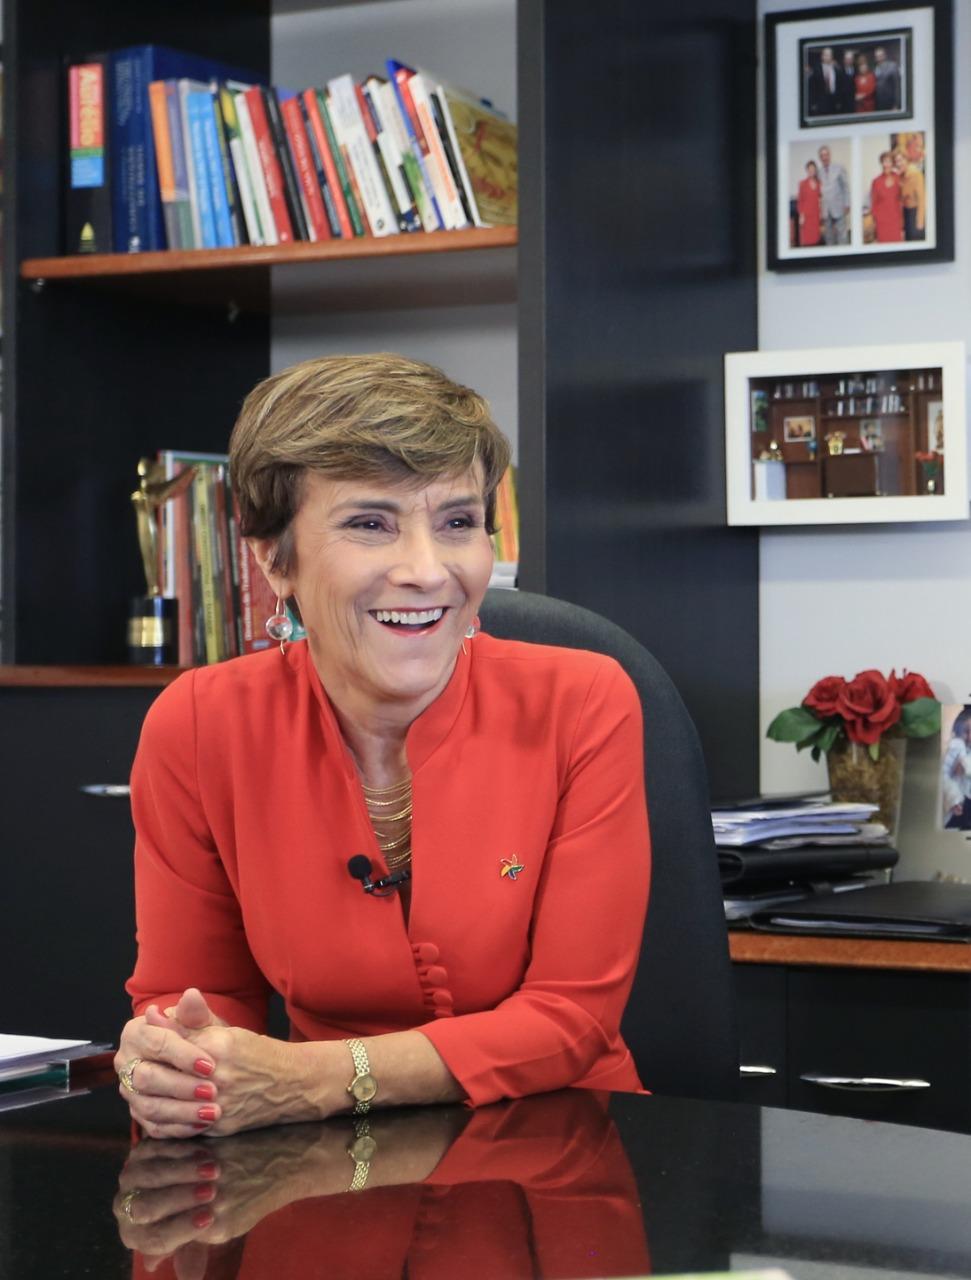 Delaíde Amaral, Ministra do Tribunal Superior do Trabalho (TST) (4) Foto divulgação